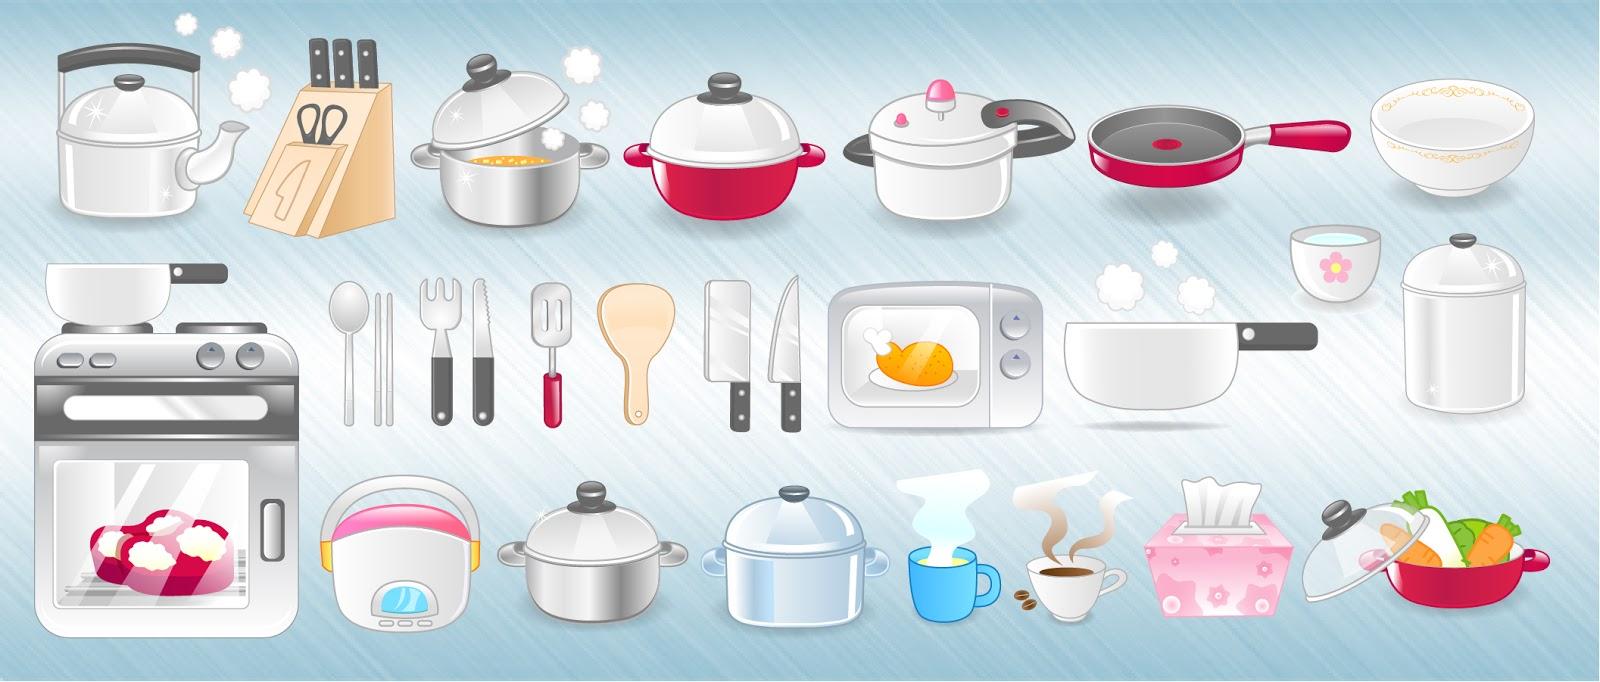 台所用品のクリップアート Kitchen Icons イラスト素材